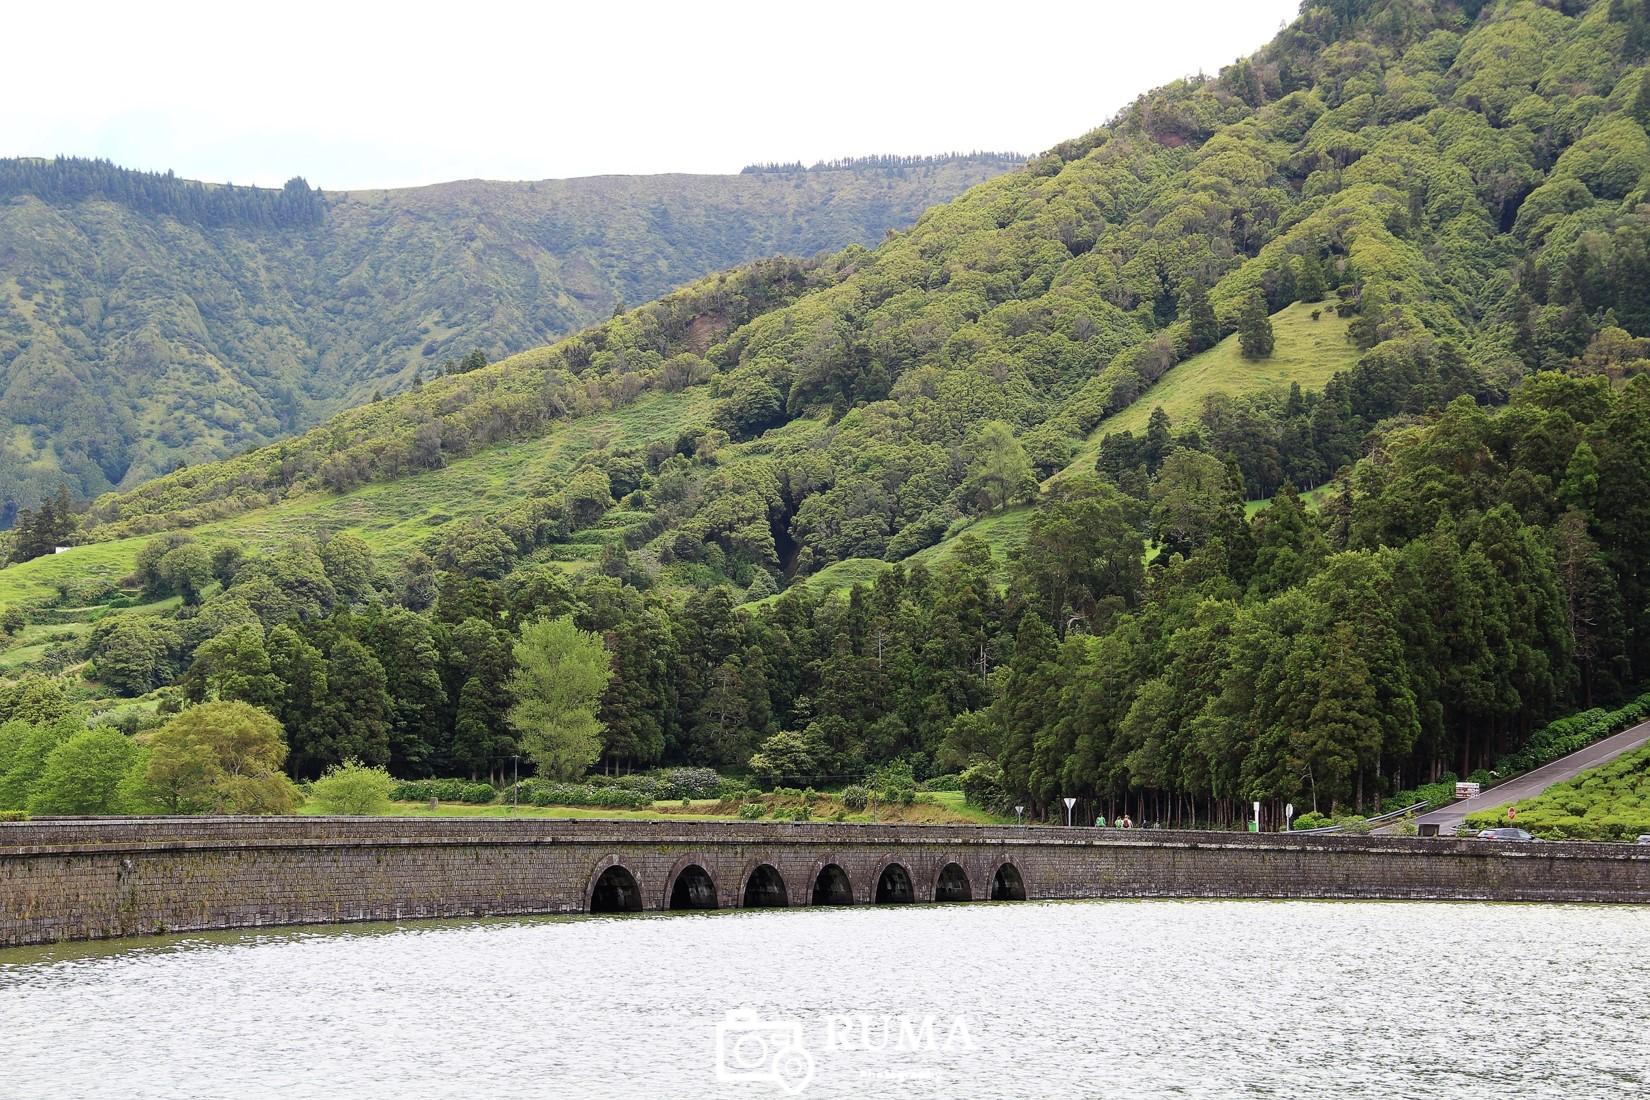 Ponte da Lagoa das Sete Cidades